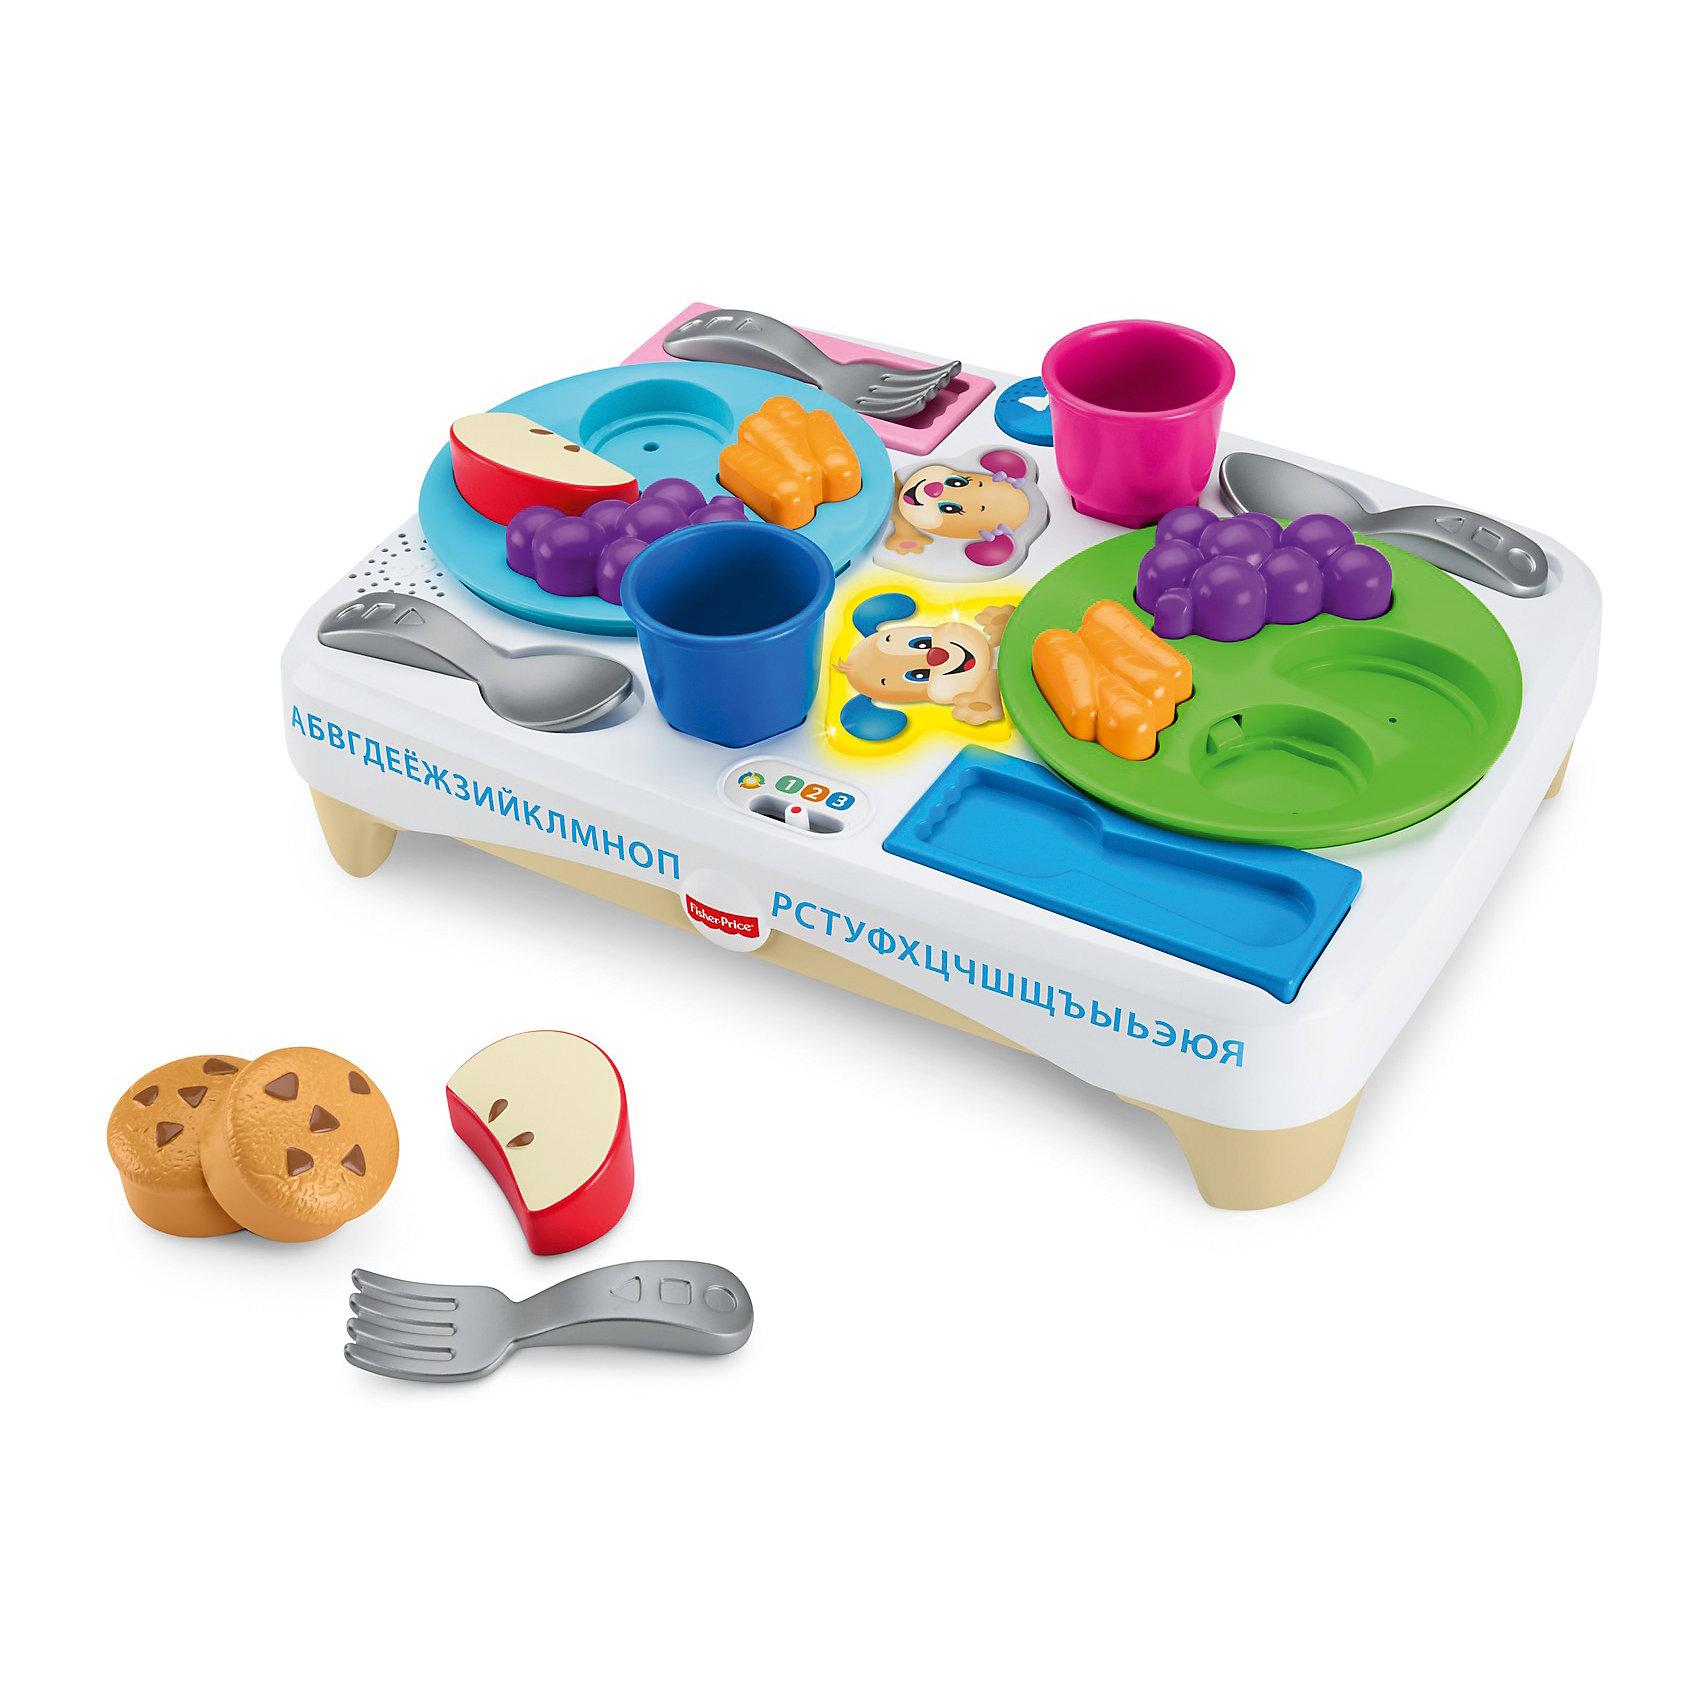 Игровой набор Fisher-Price Учимся делитьсяРазвивающие игрушки<br>Характеристики товара:<br><br>• возраст: от 3 лет<br>• материал: пластик;<br>• размер упаковки: 33X37X12,5<br><br>Этот интерактивный набор посуды поможет малышам усвоить манеры поведения за столом через игры с едой! Блюда, посуду и чашки нужно расставить по нужным местам на подносе— задача не из легких! <br><br>Если ребенок справился с головоломкой и накрыл на стол правильно, прозвучит веселая песенка или фраза о хороших манерах, сочетаниях еды и о том, как важно делиться! «Волшебные» подносы понимают, что уже есть на столе, а чего не хватает! <br><br>Набор посуды «Скажи «Пожалуйста»» будет расти вместе с ребенком: технология «Уровни обучения»™ поможет малышу продолжать учиться! <br><br>На каждом уровне— свои звуки, песни, мелодии и фразы, подходящие именно для этого возраста.<br><br>Игровой набор Fisher-Price Учимся делиться можно купить в нашем интернет-магазине.<br><br>Ширина мм: 330<br>Глубина мм: 125<br>Высота мм: 370<br>Вес г: 748<br>Возраст от месяцев: 18<br>Возраст до месяцев: 36<br>Пол: Унисекс<br>Возраст: Детский<br>SKU: 7014715